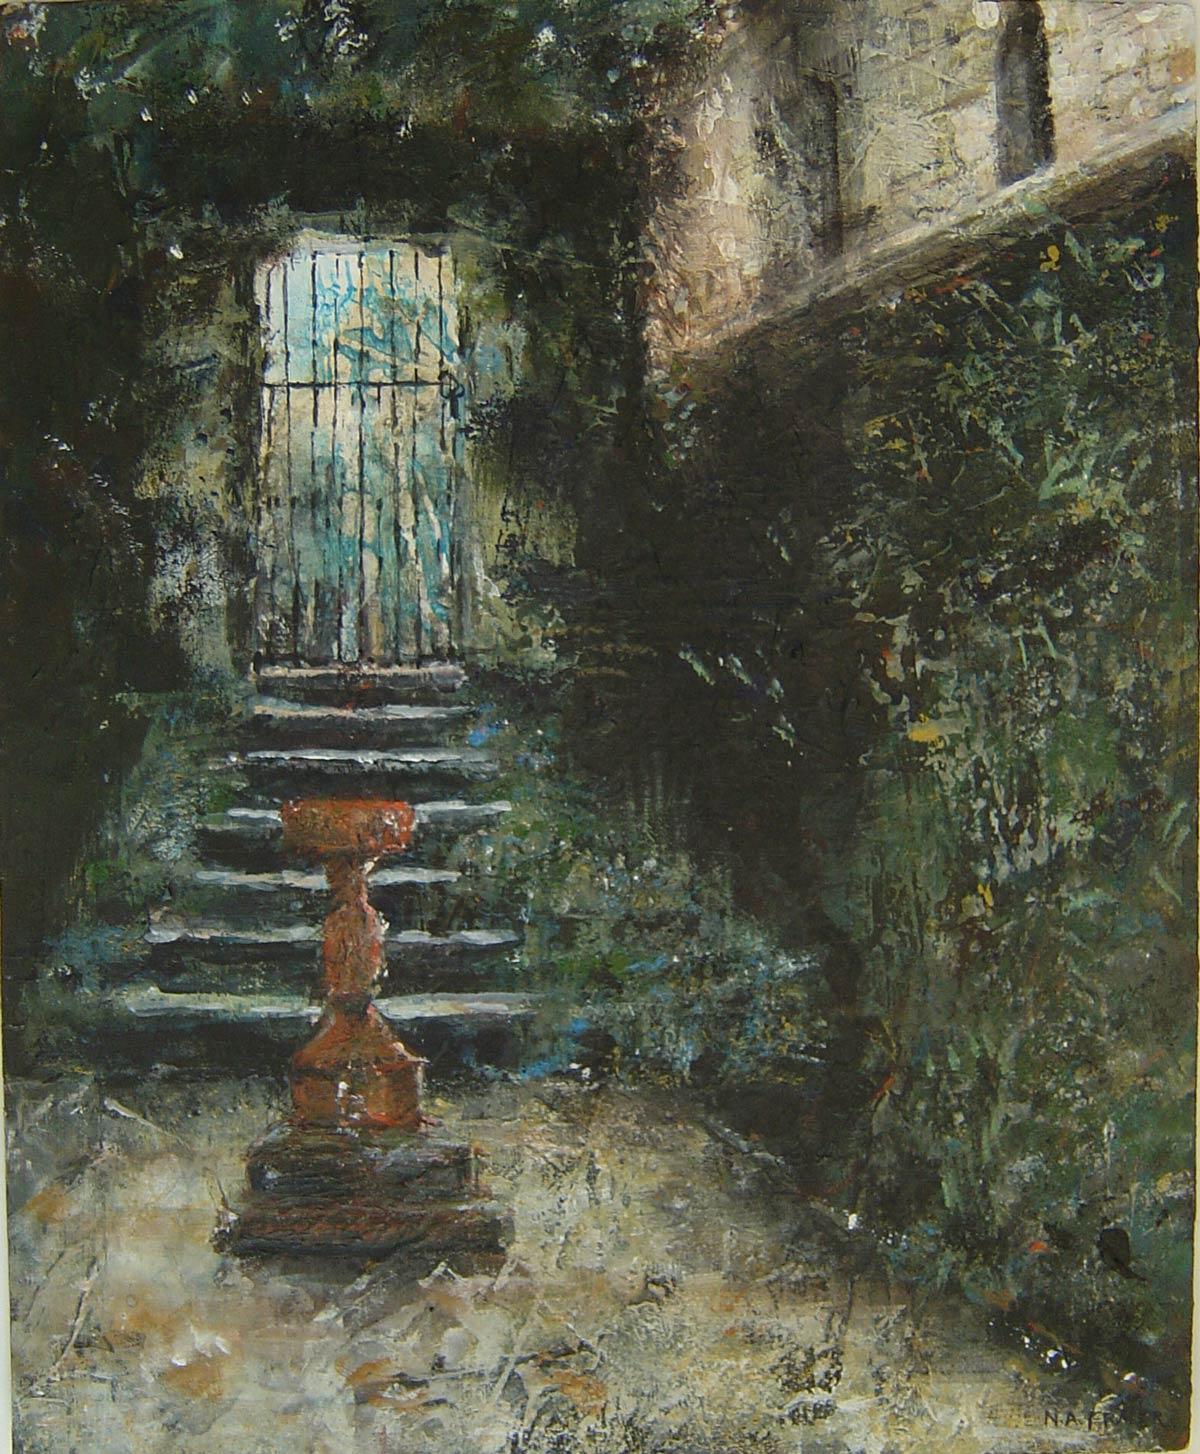 Les Jardins du Manoir 36 x 29 cm